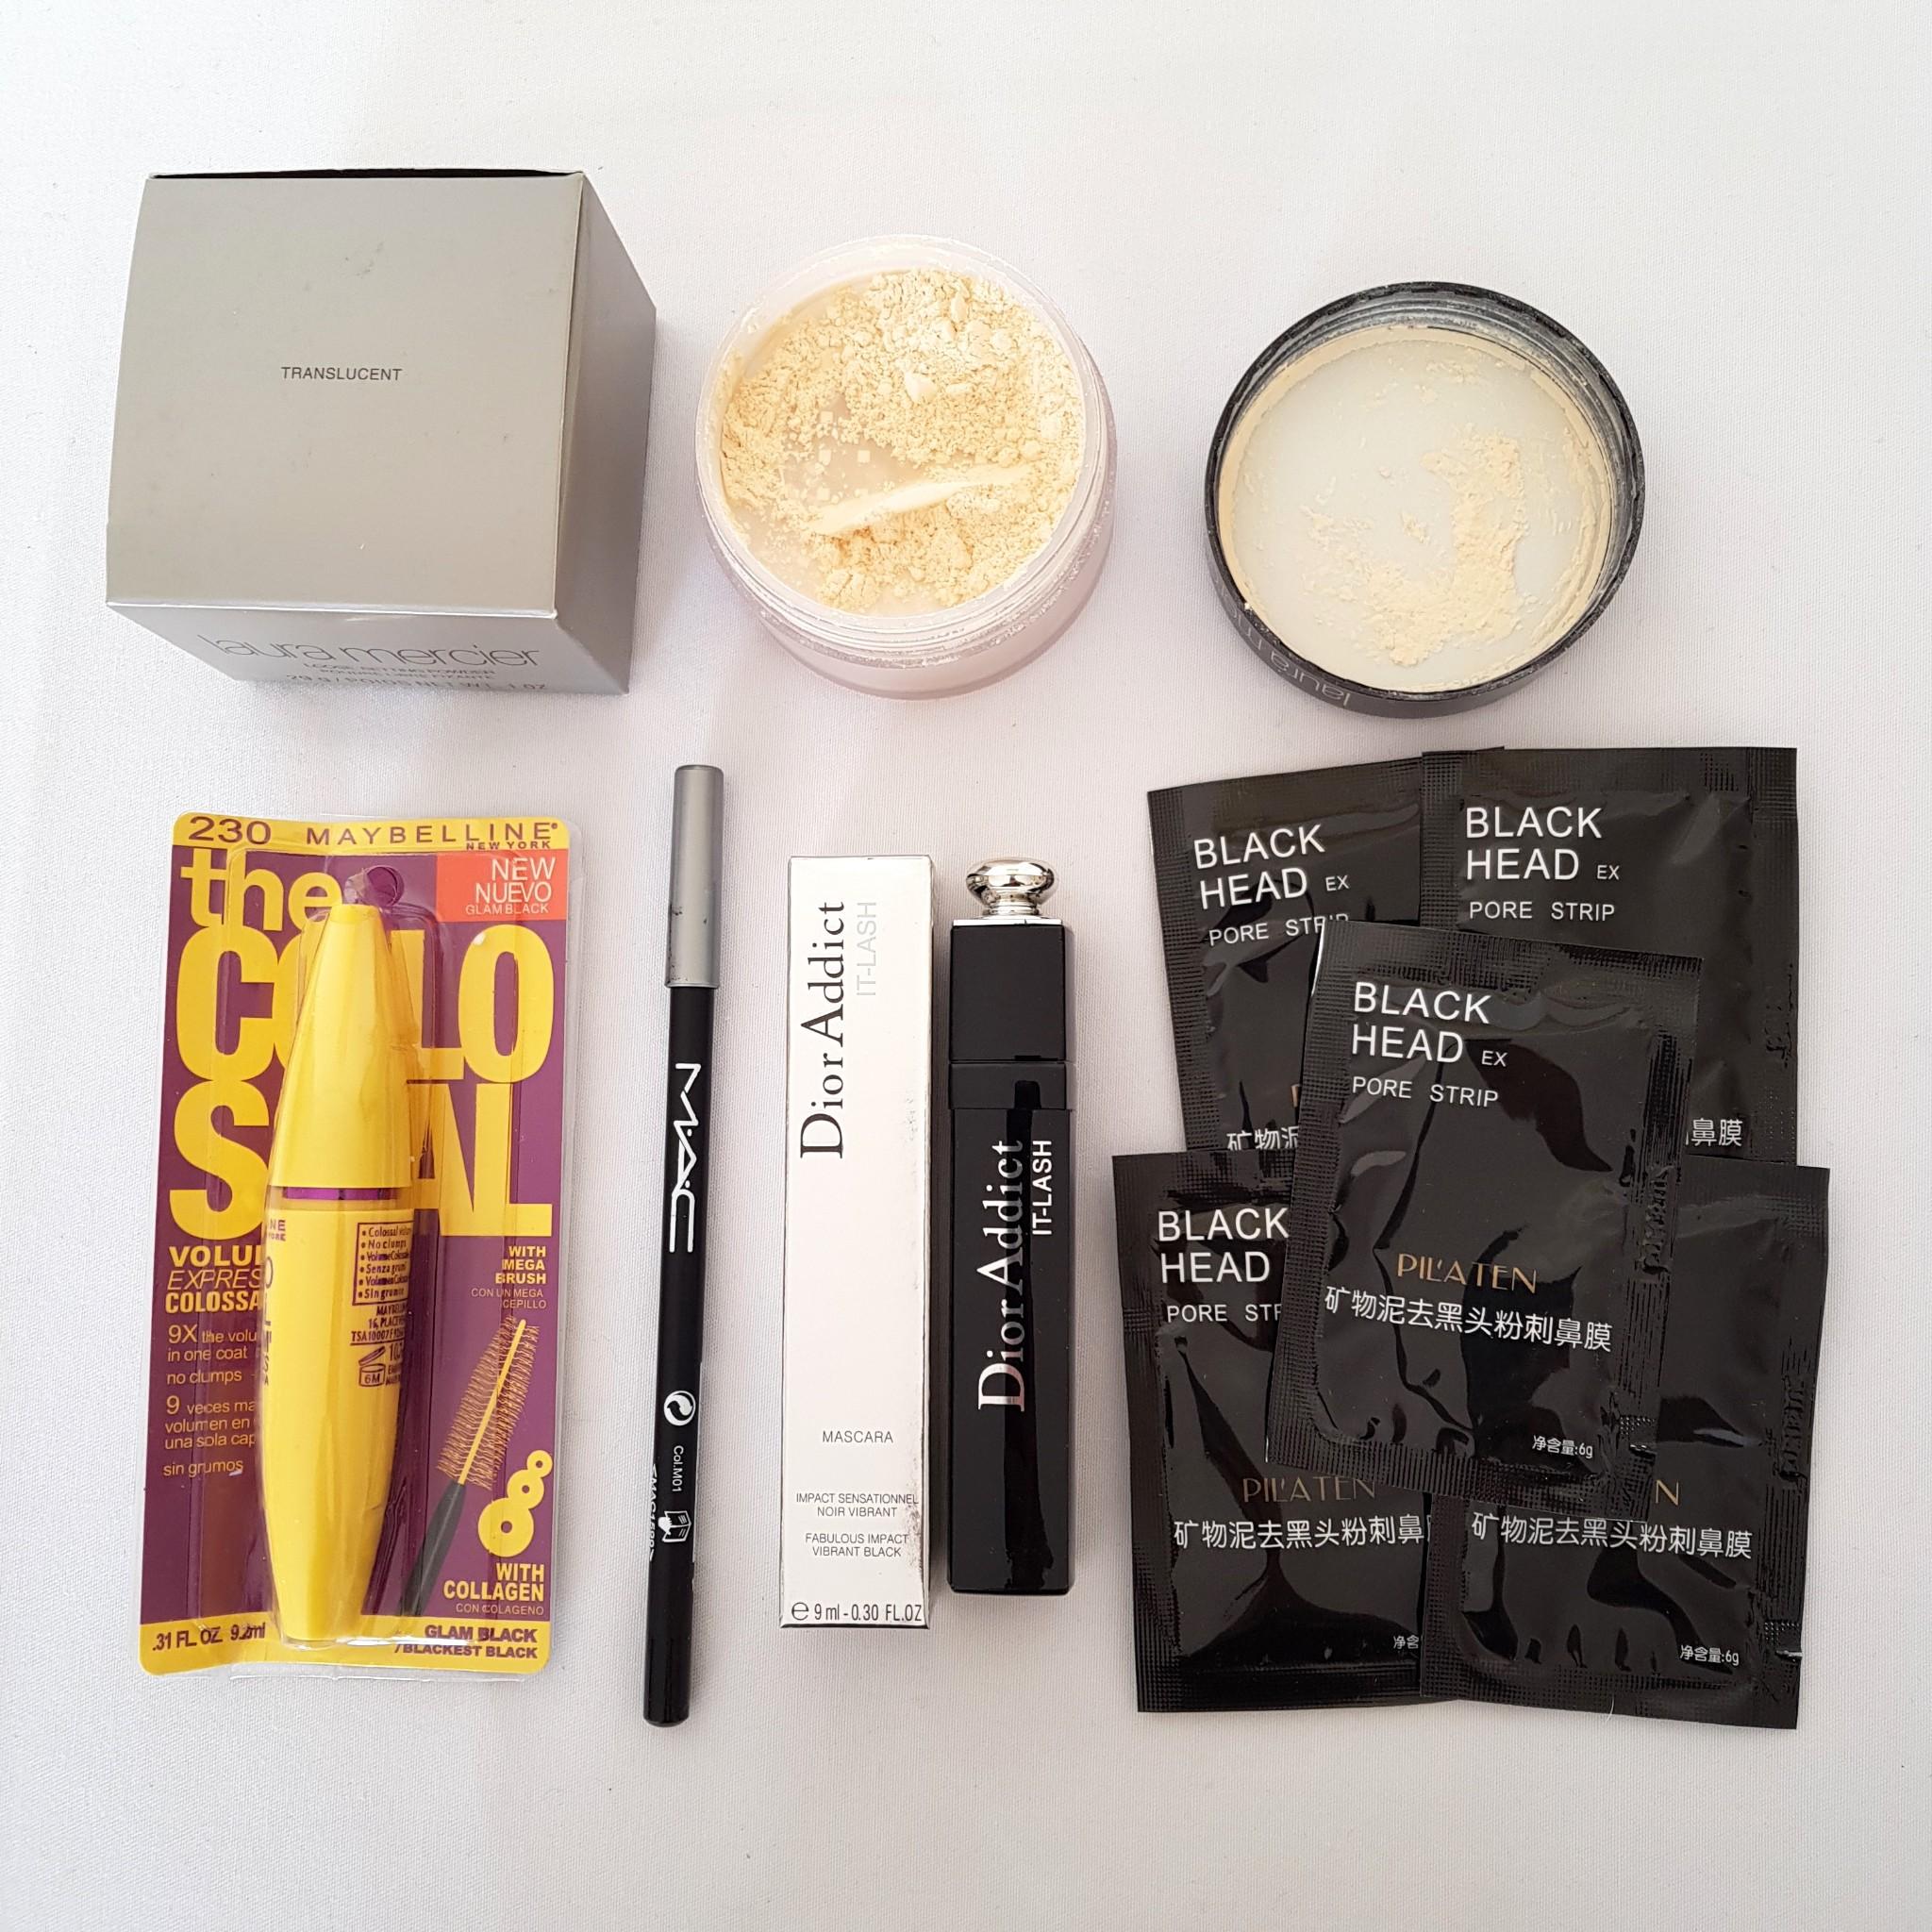 Translucent Loose Setting Powder Face Mask Mascara Eyeliner Cosmetics Make Up - Inspired Beauty Australia